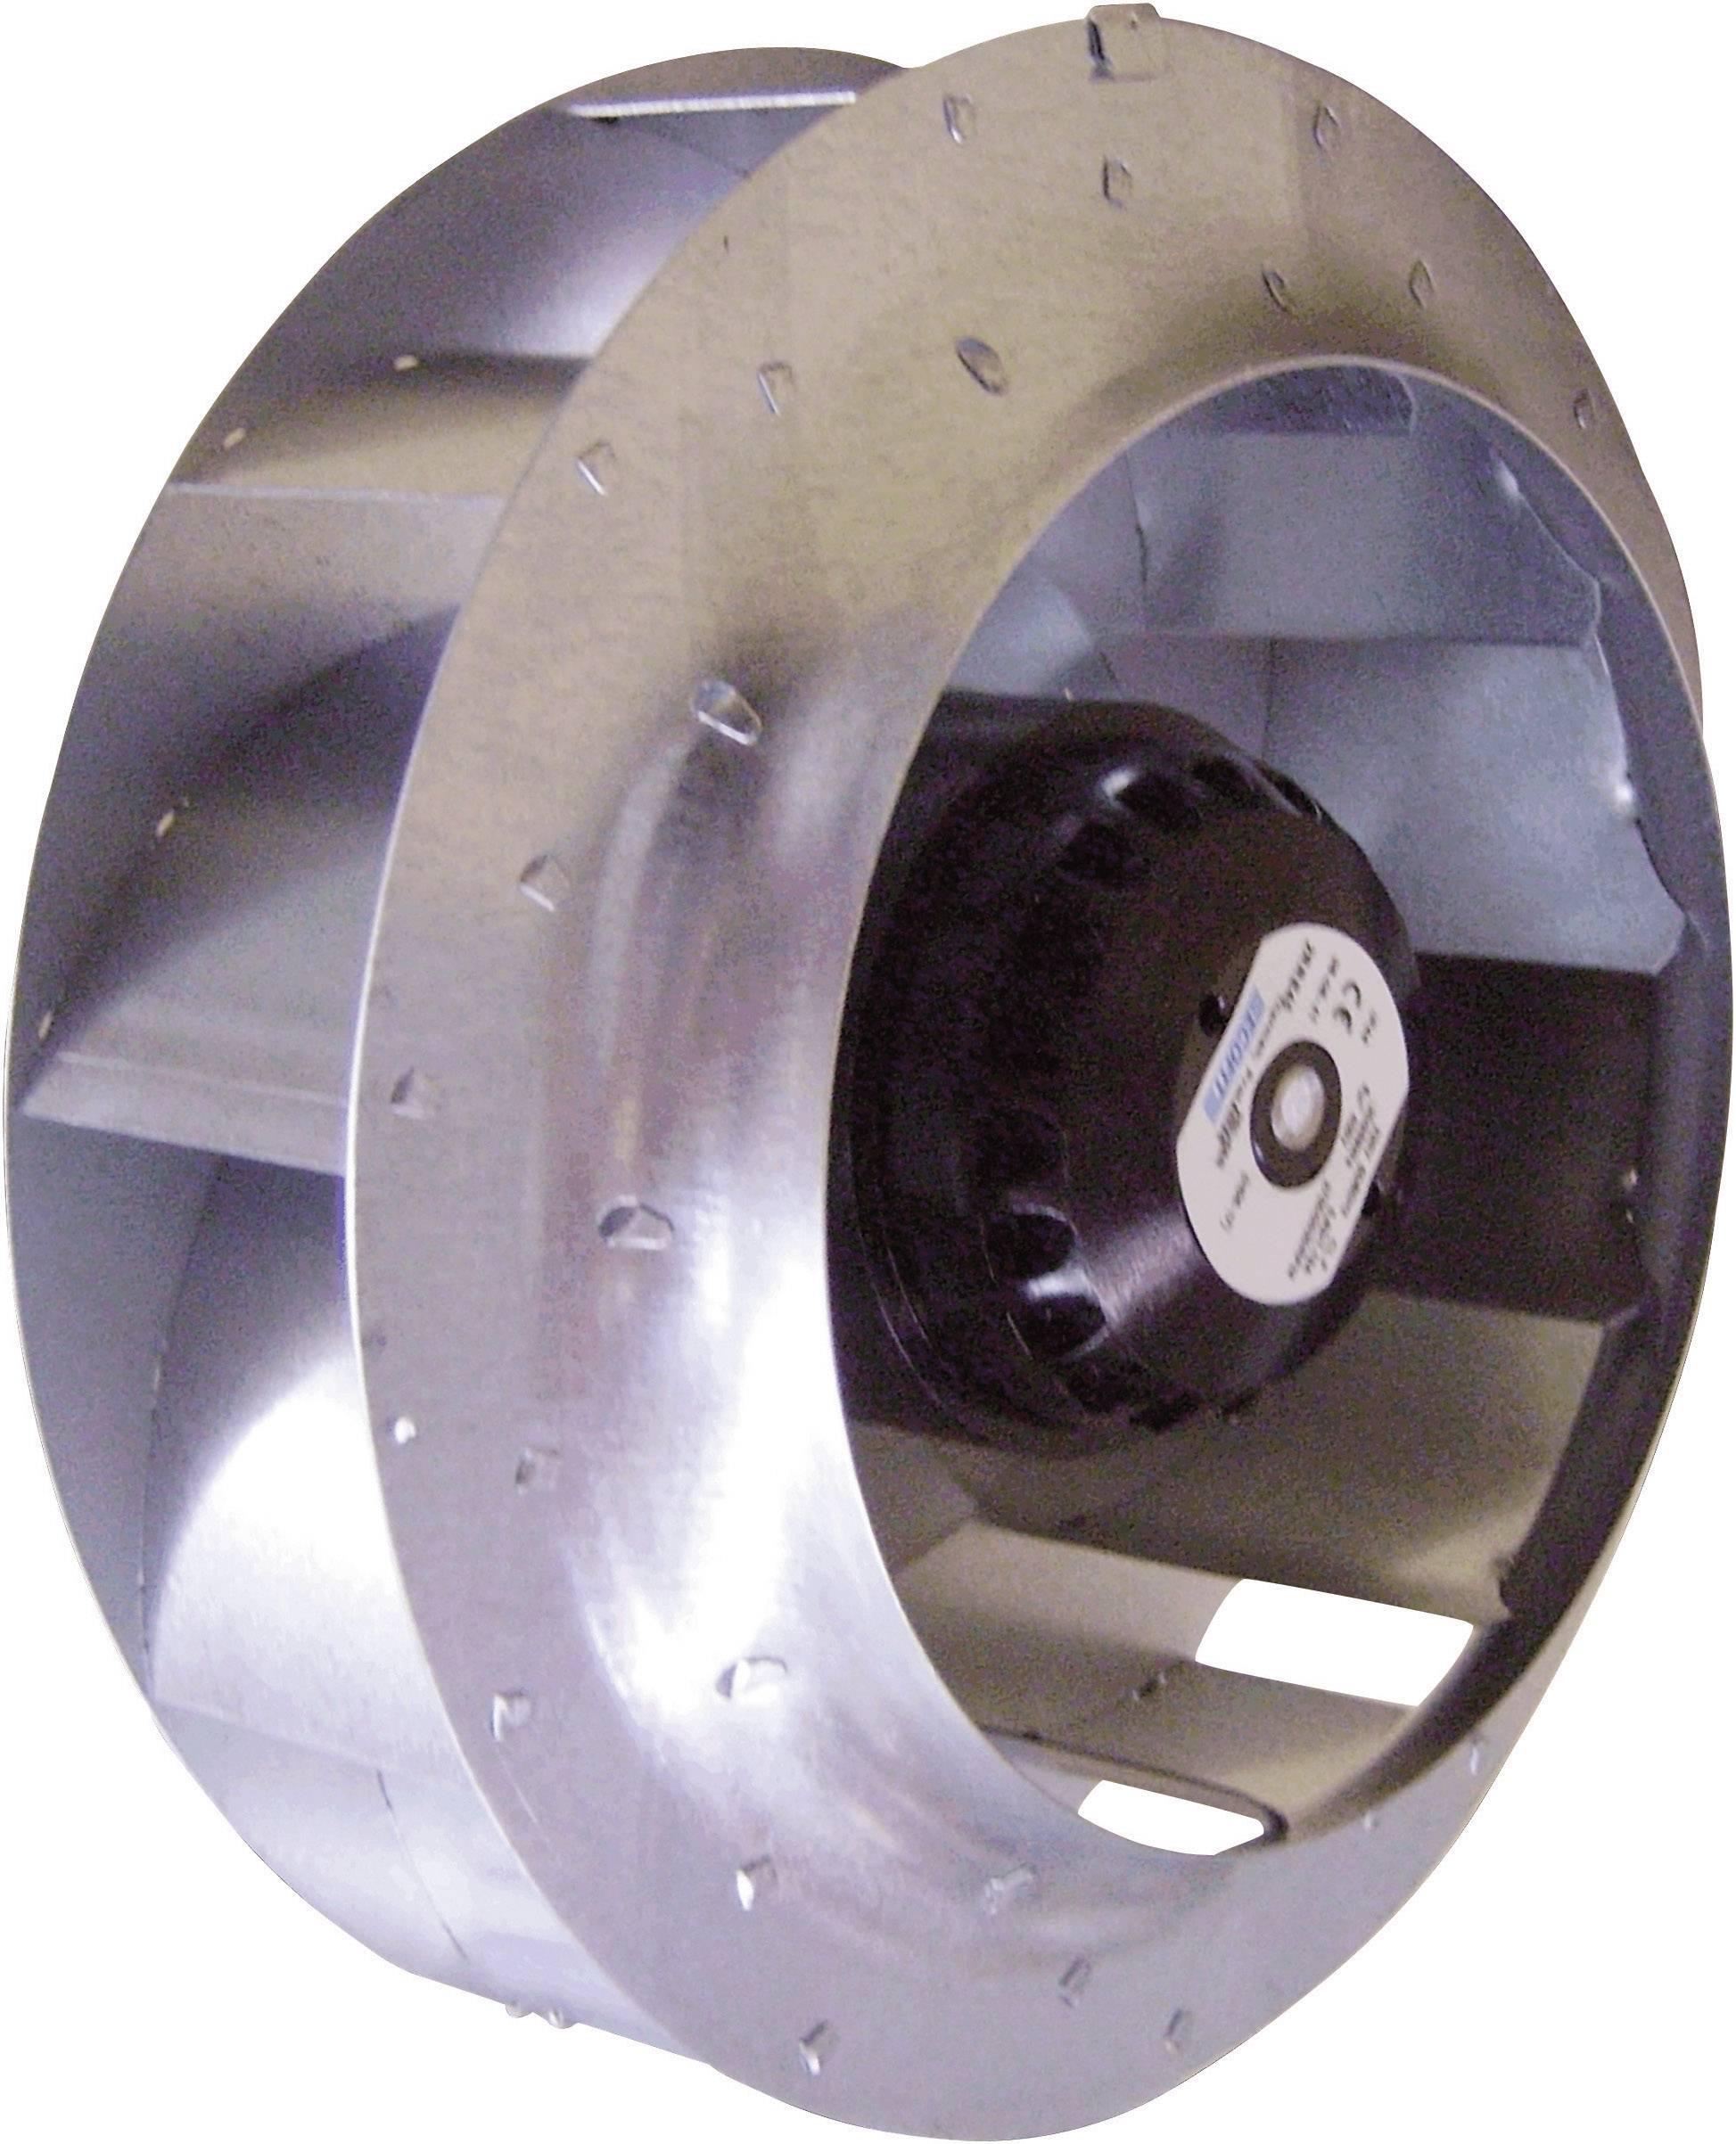 Axiálny ventilátor Ecofit 2RRE15 192X40R - B47-A1, 230 V/AC, 59 dB (A), (Ø x v) 192 mm x 70 mm